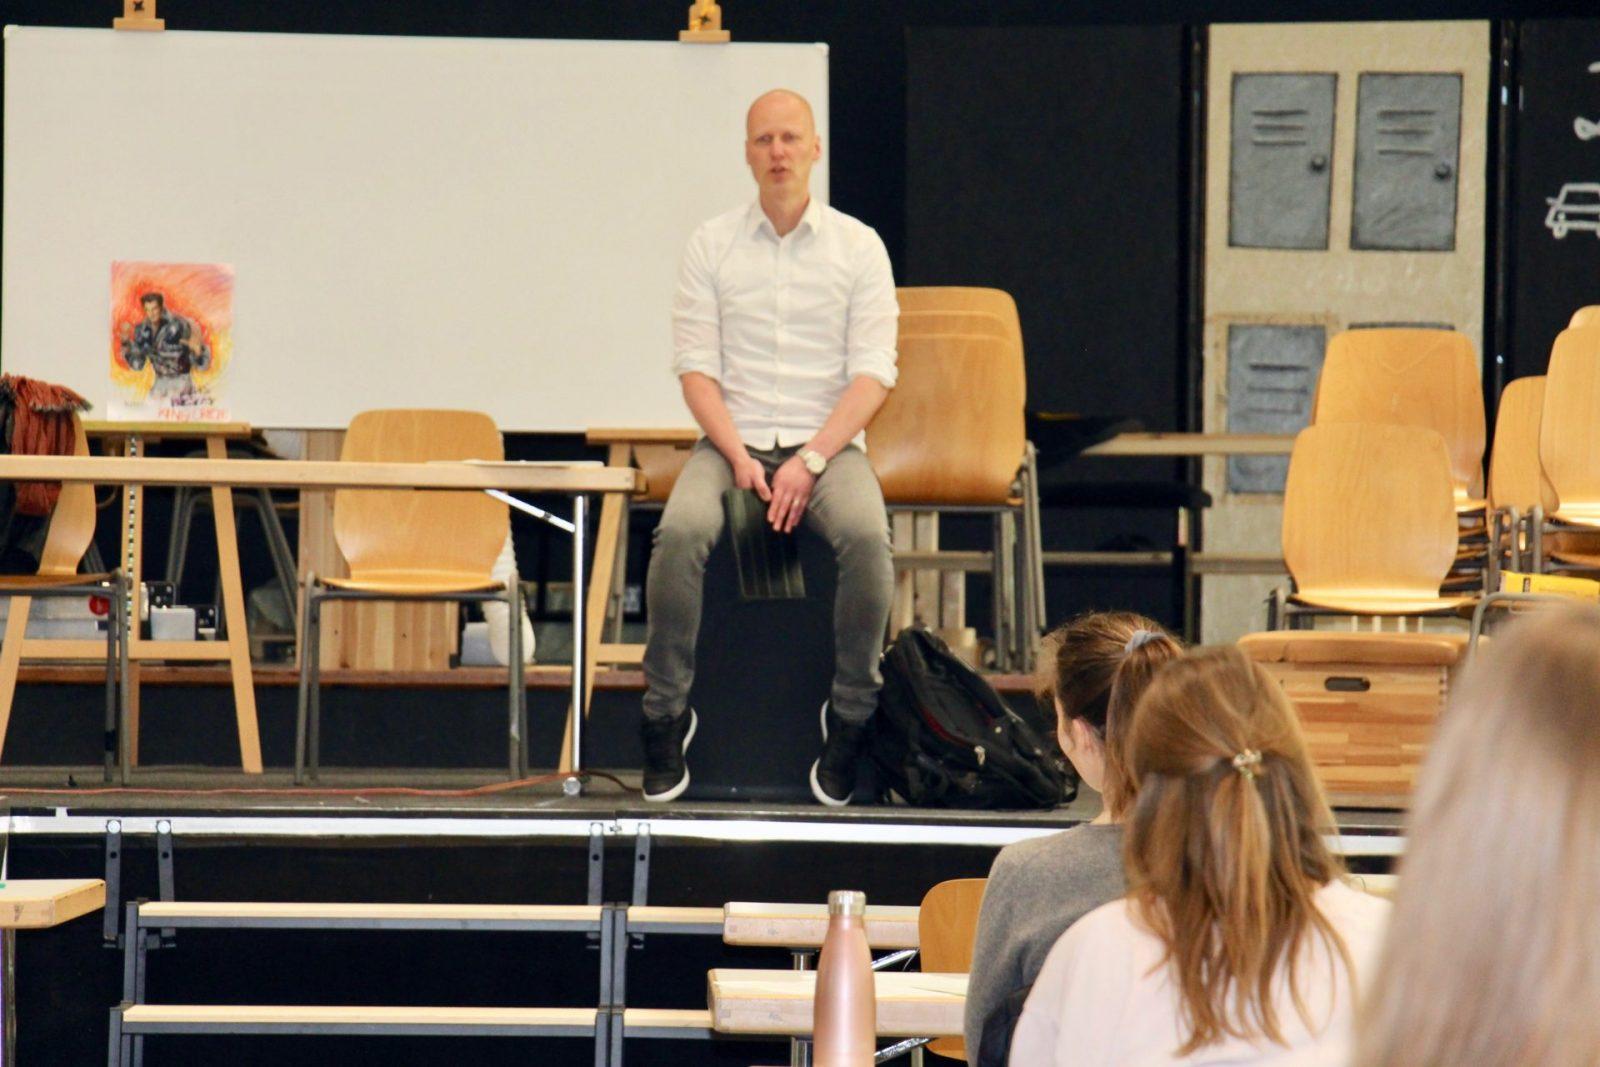 Herr Albert unterricht Musik in der Aula